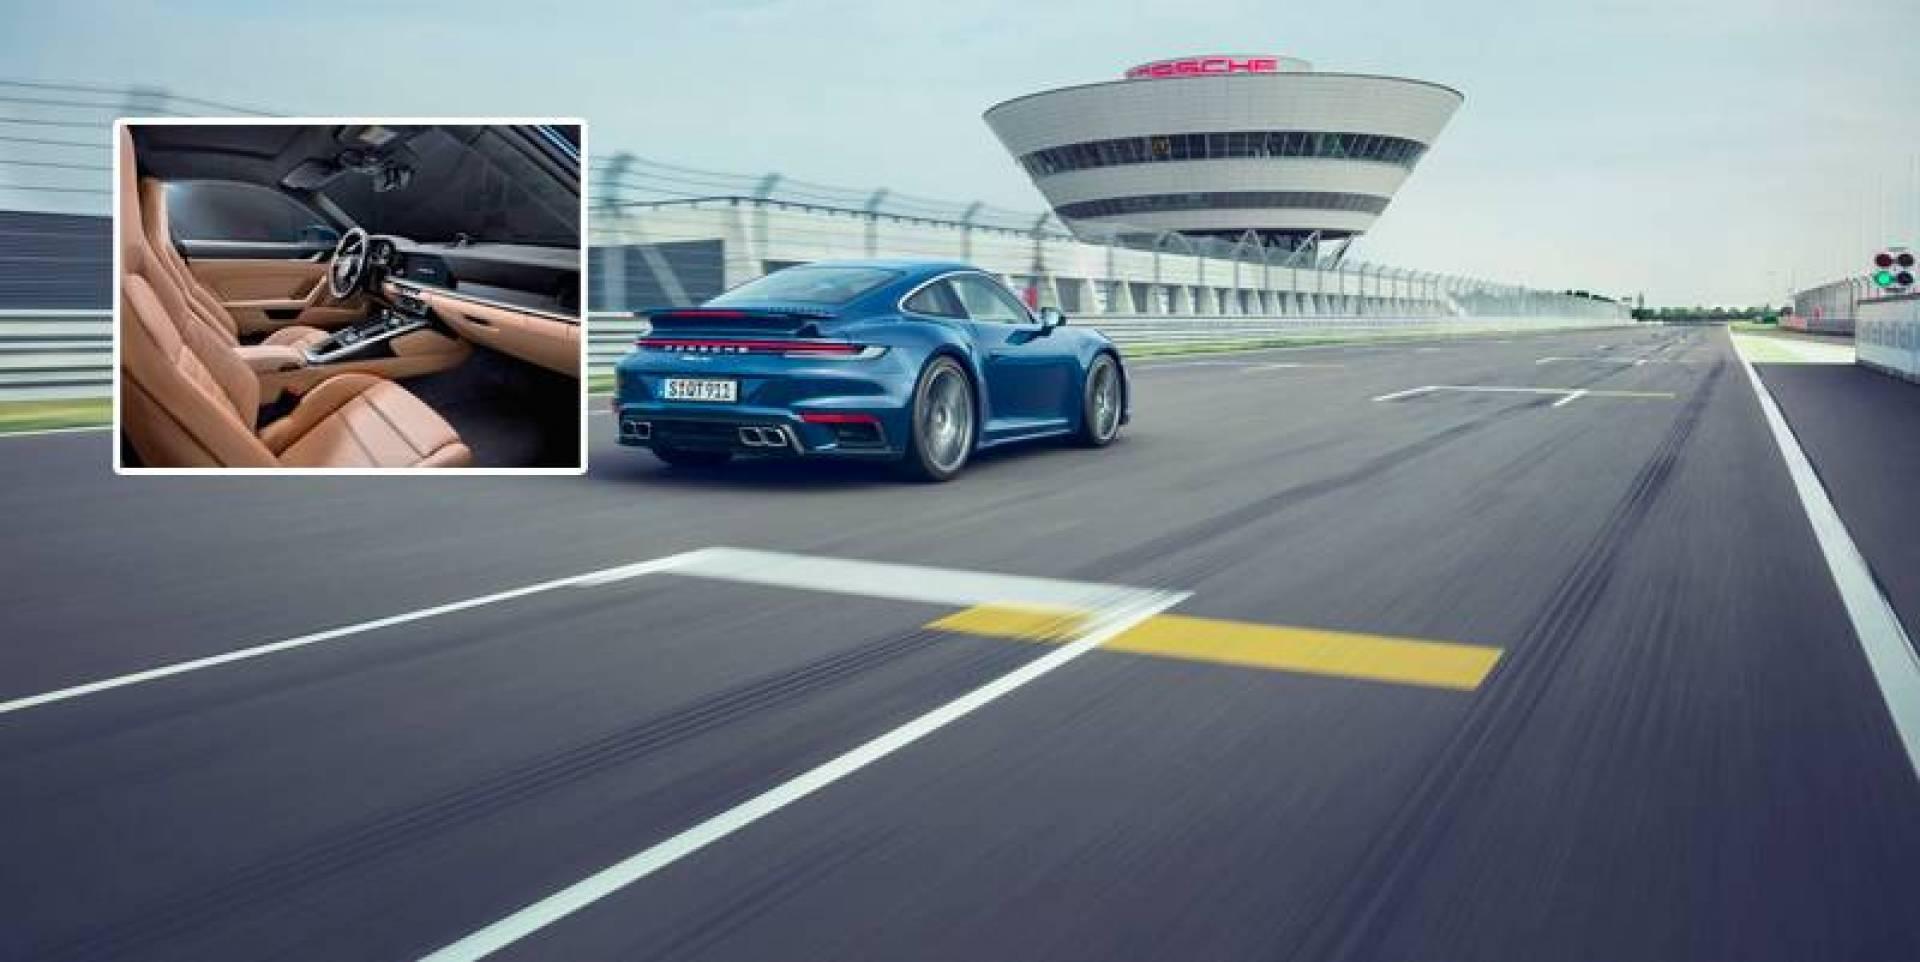 بورشه 911 توربو خلال تجربة قيادة على الحلبة في ألمانيا.. وفي الإطار مقصورة السيارة الفارهة